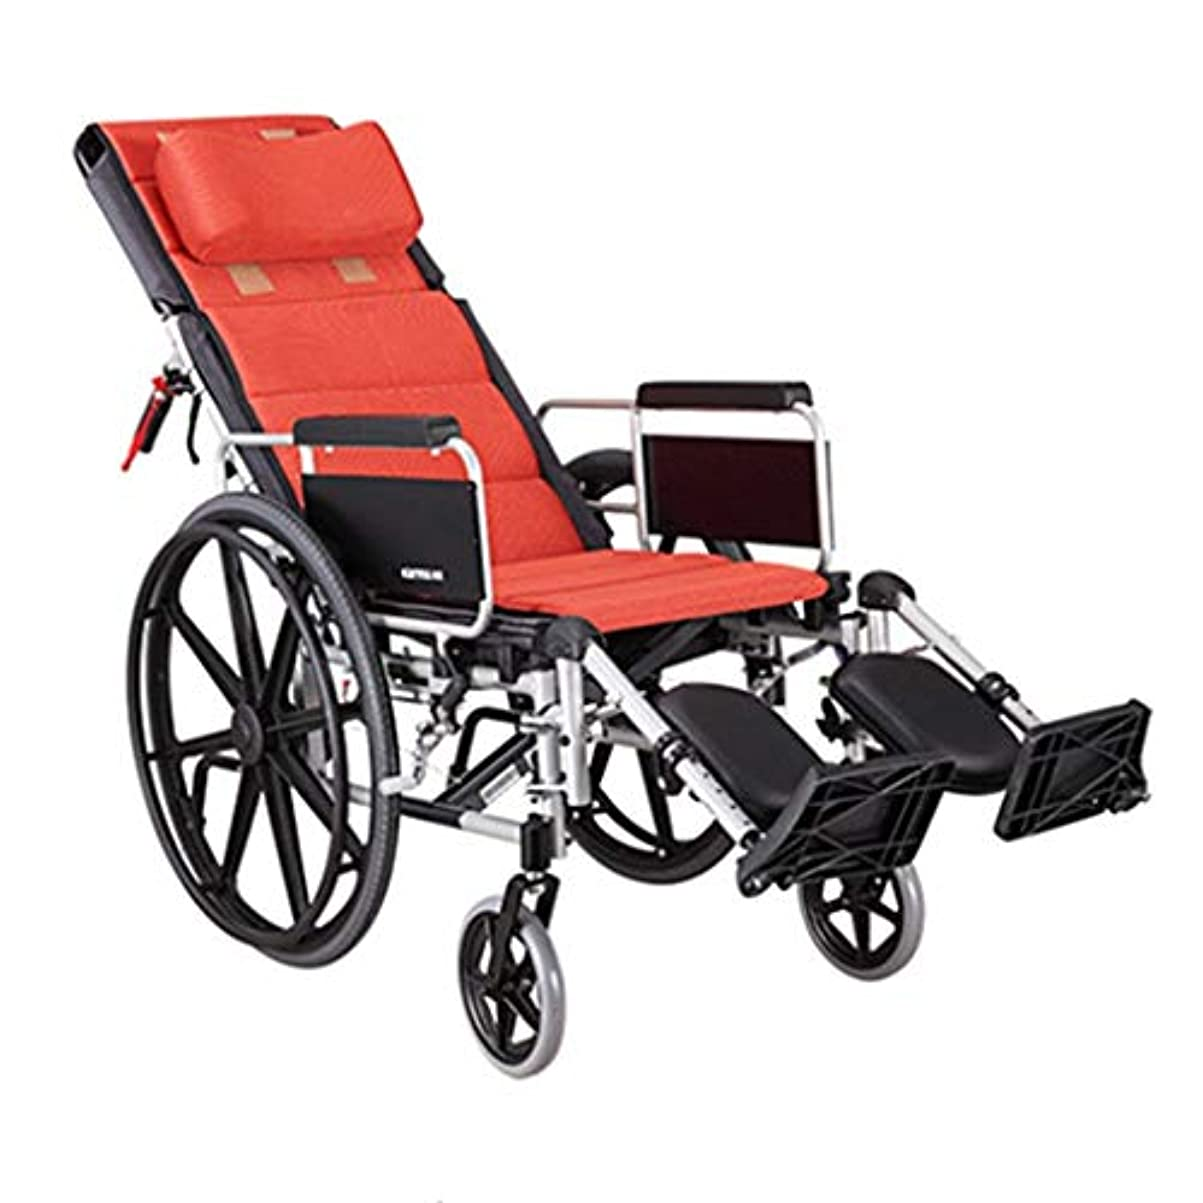 なぞらえるかまどストローク高齢者用車椅子折りたたみ式手すり、リアブレーキハンドル機能付き調整可能ペダルソフト手すり